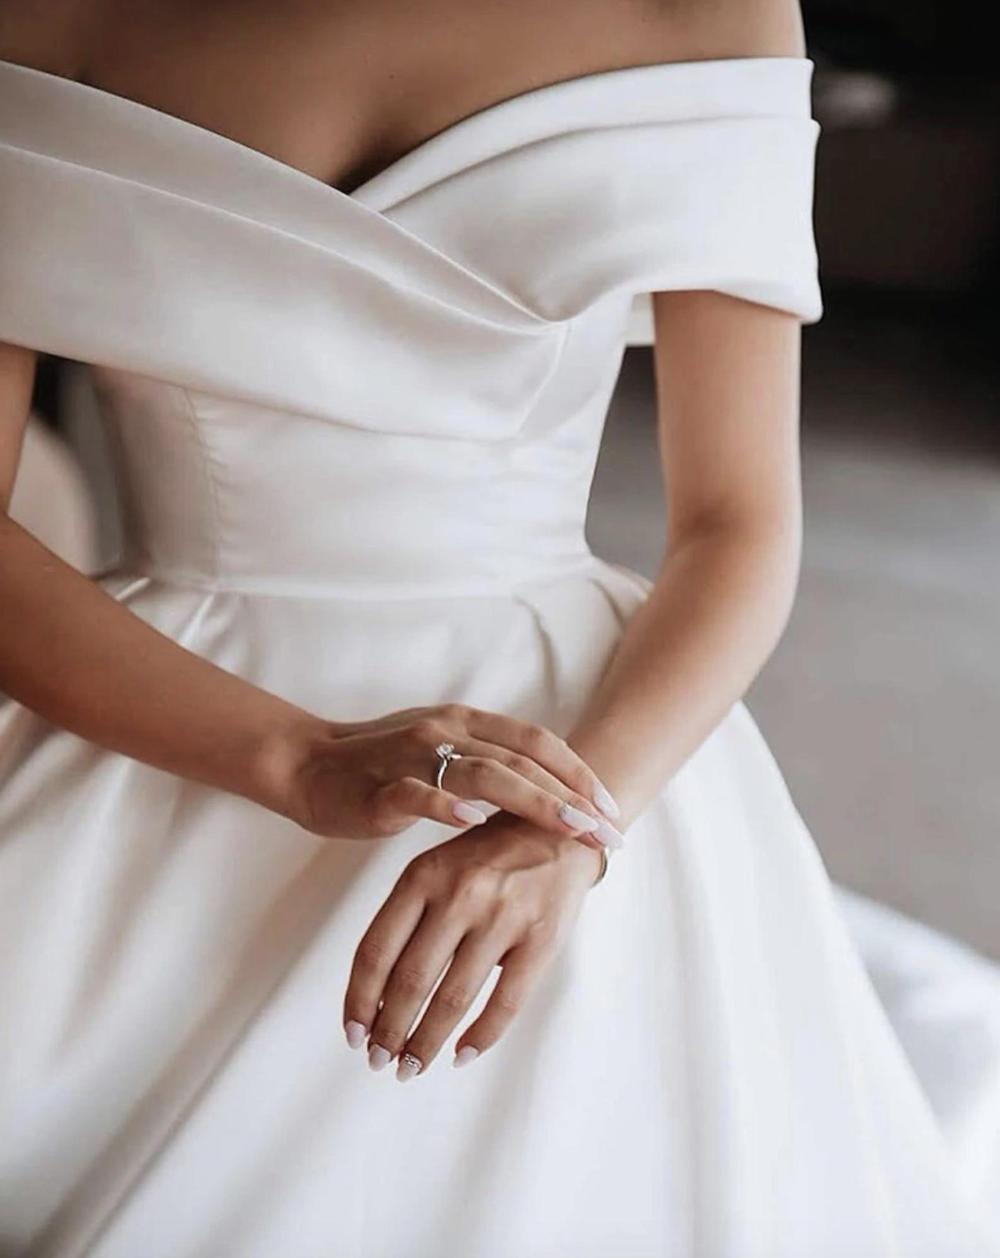 Princess Wedding Dresses Satin Vintage Off The Shoulder Wedding Bride Dresses Long Train White Ivory Wedding Ball Gown In 2021 Wedding Dresses Satin Ball Gowns Wedding Sweetheart Wedding Dress [ 1258 x 1000 Pixel ]